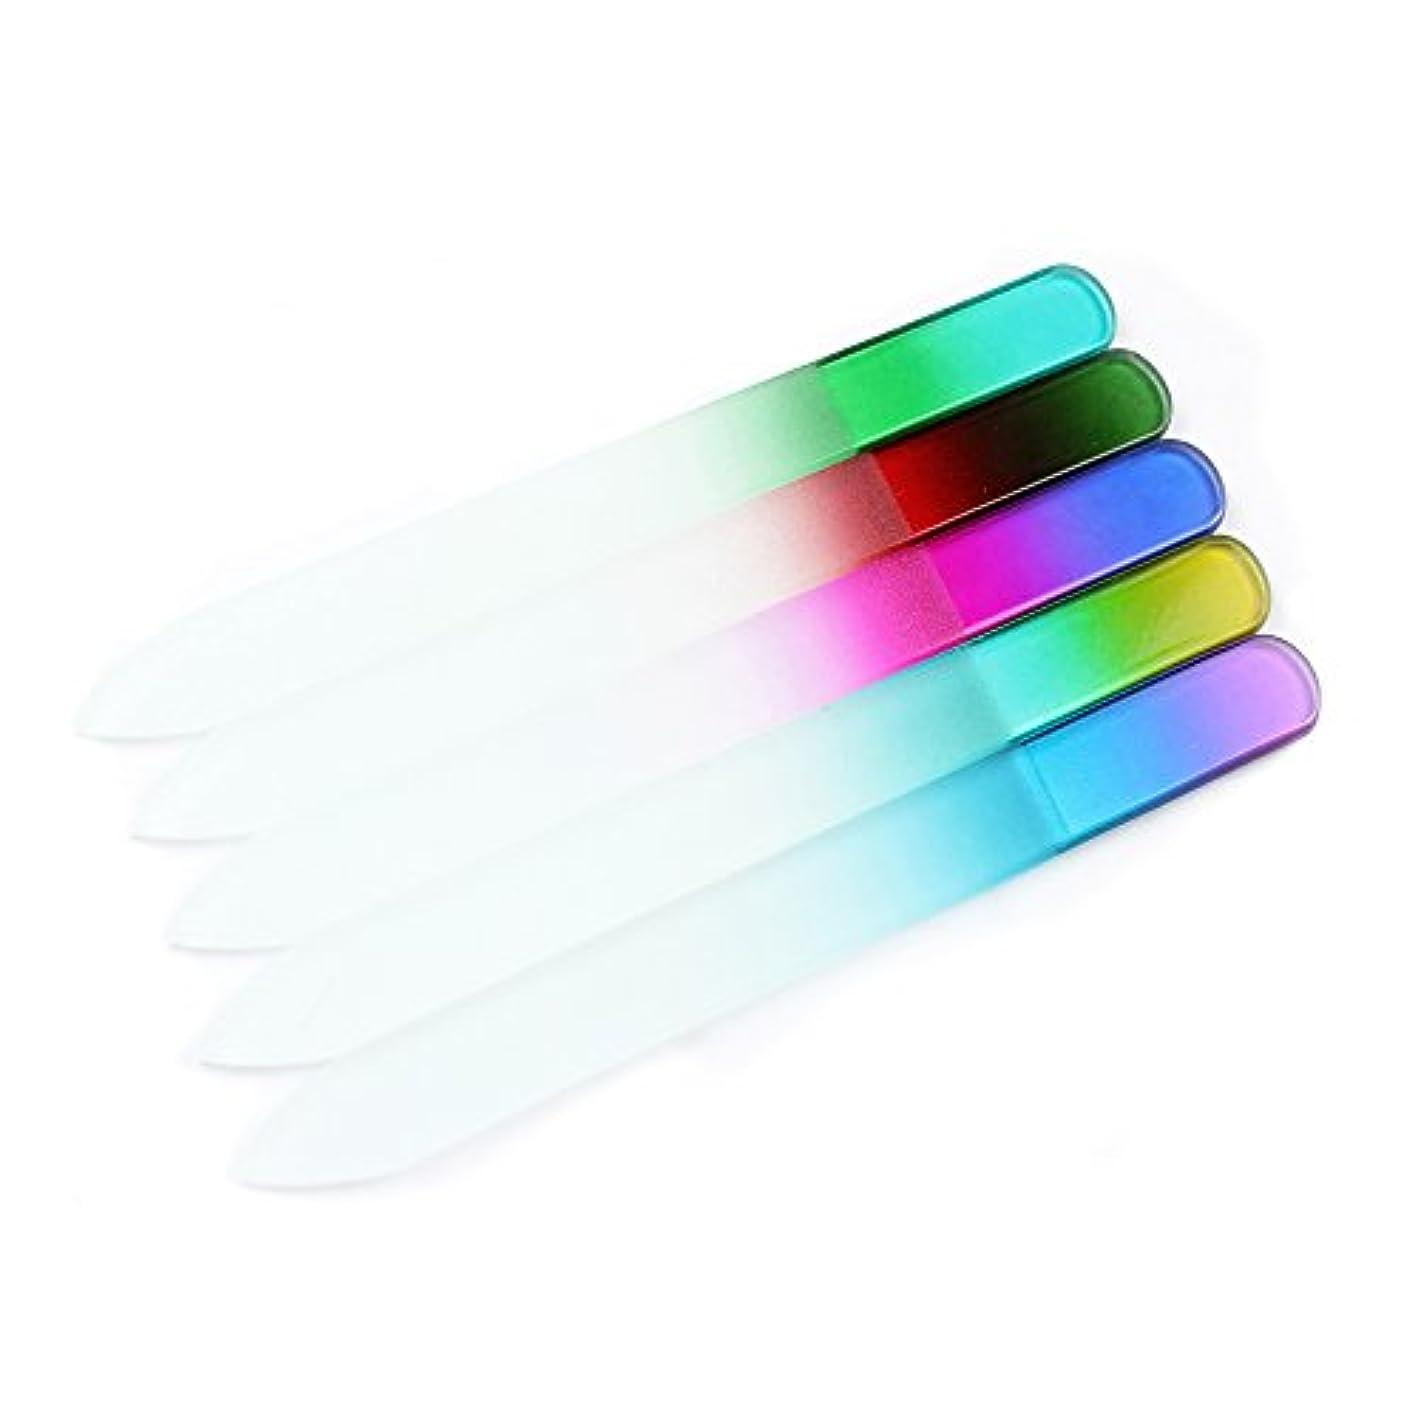 繰り返した塩消費者FingerAngel 爪やすり ガラス製 5個セット 削りやすいネイルヤスリ 両面タイプ ネイルケア